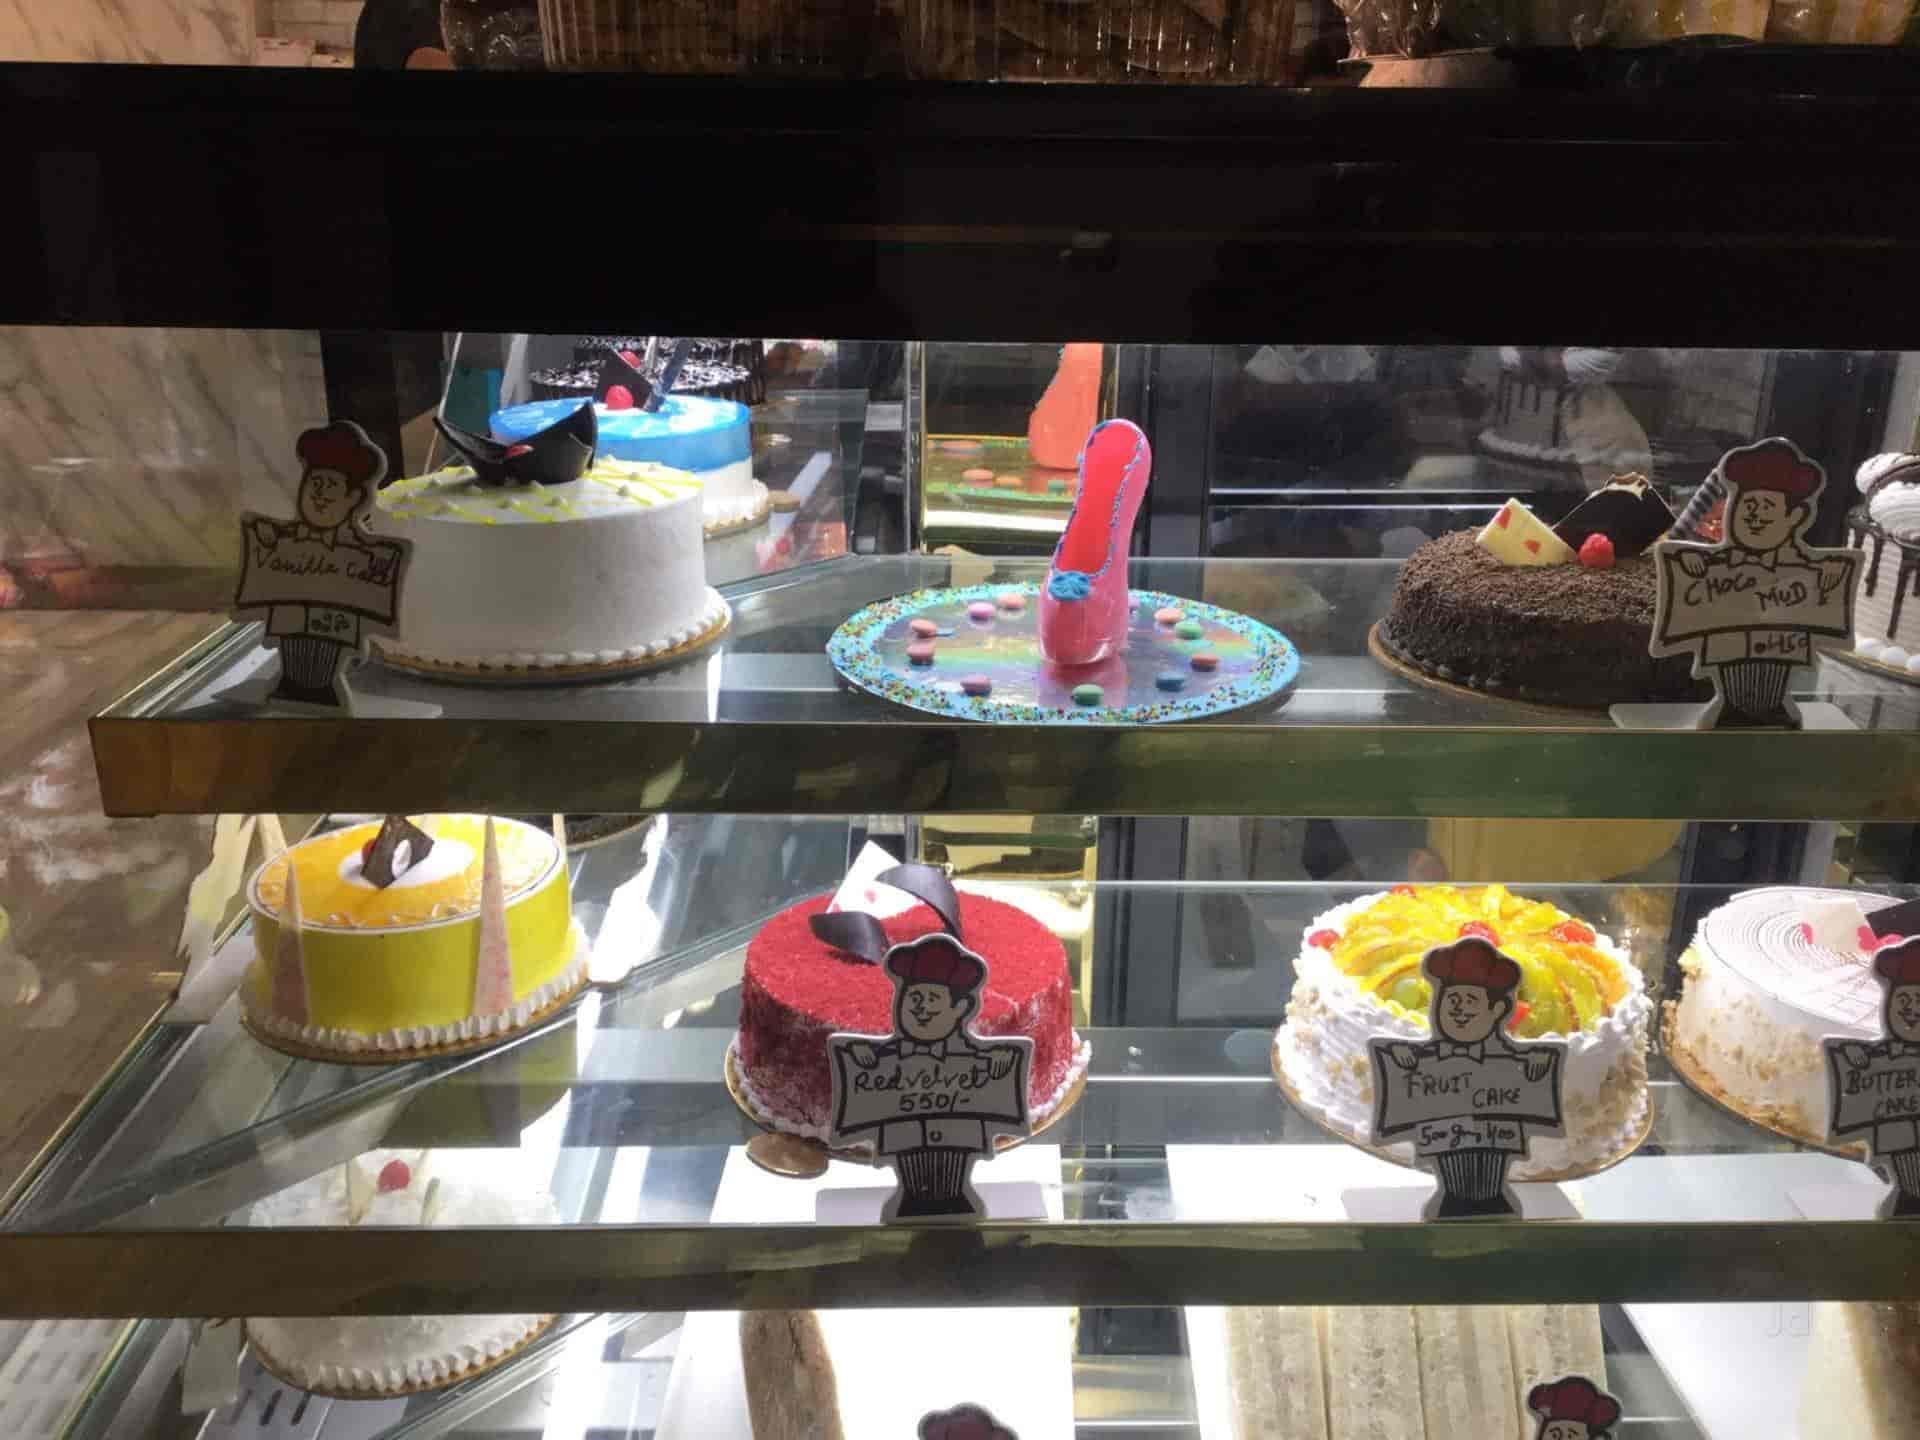 Bimbo Cakes & Cafe, Near Axis Bank, Bahadurgarh-Haryana